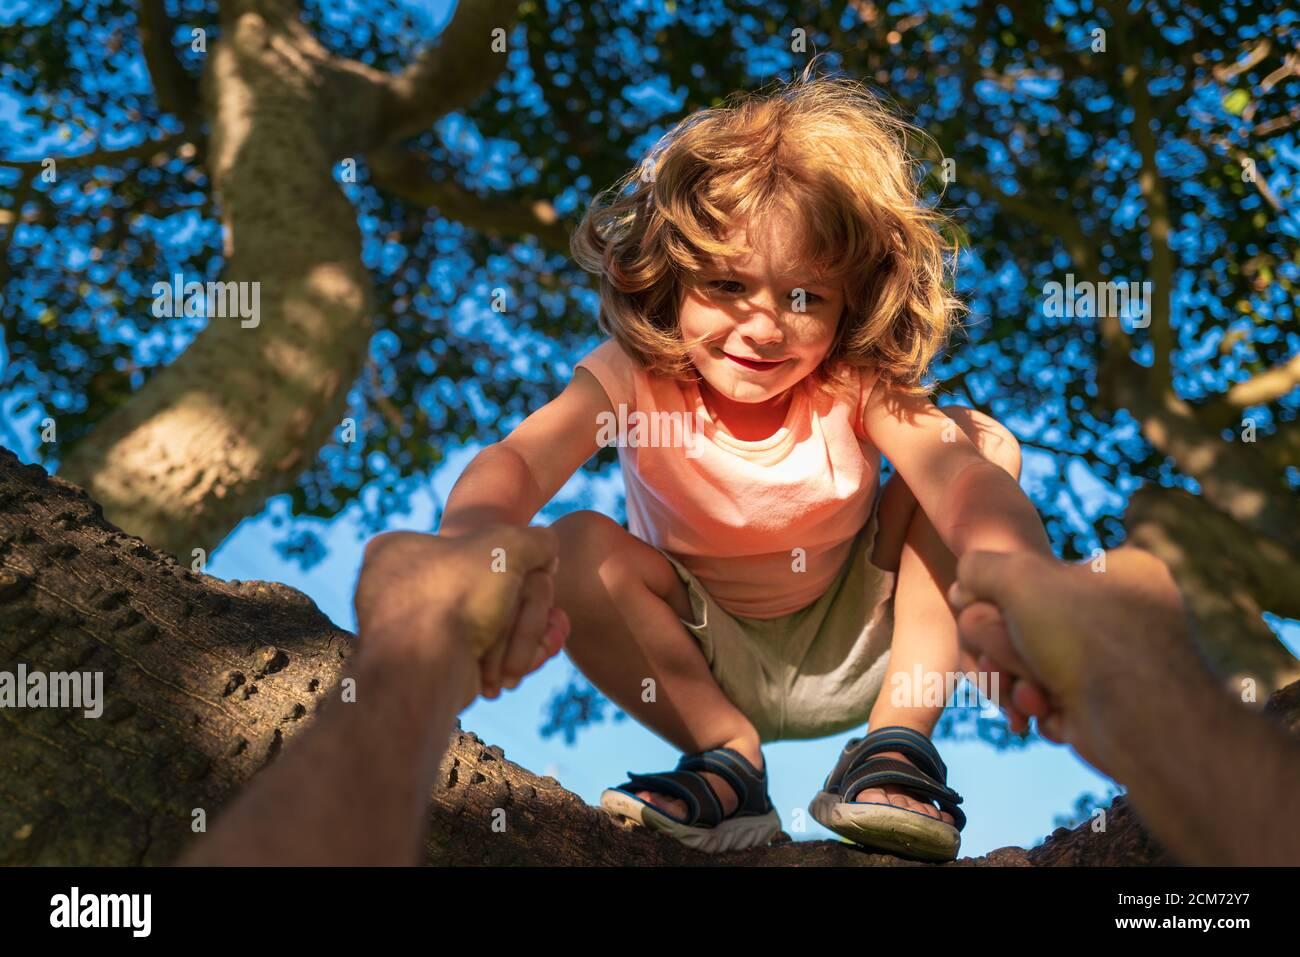 Niño feliz sentado en un árbol. Padre sostiene la mano de un niño. Padre enseñando a hijo subir árbol. Foto de stock